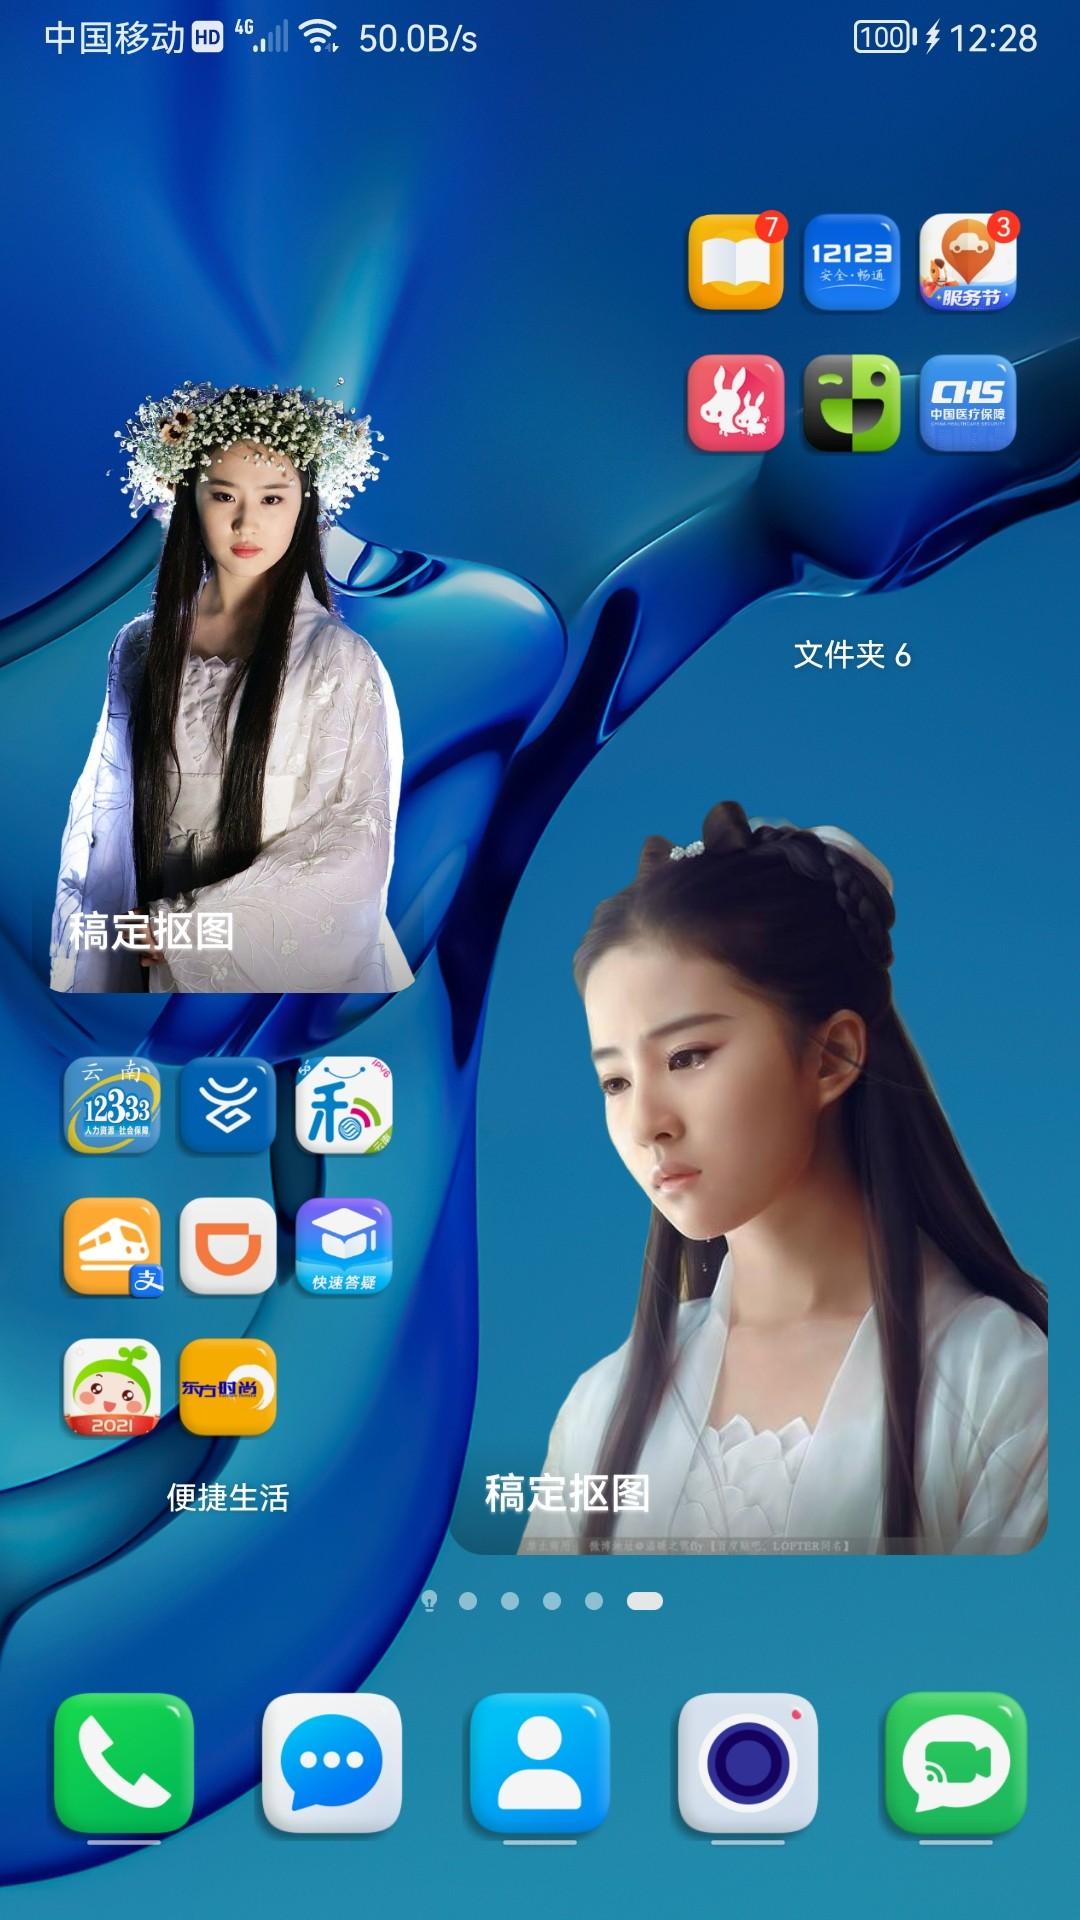 Screenshot_20210909_122822_com.huawei.android.launcher.jpg